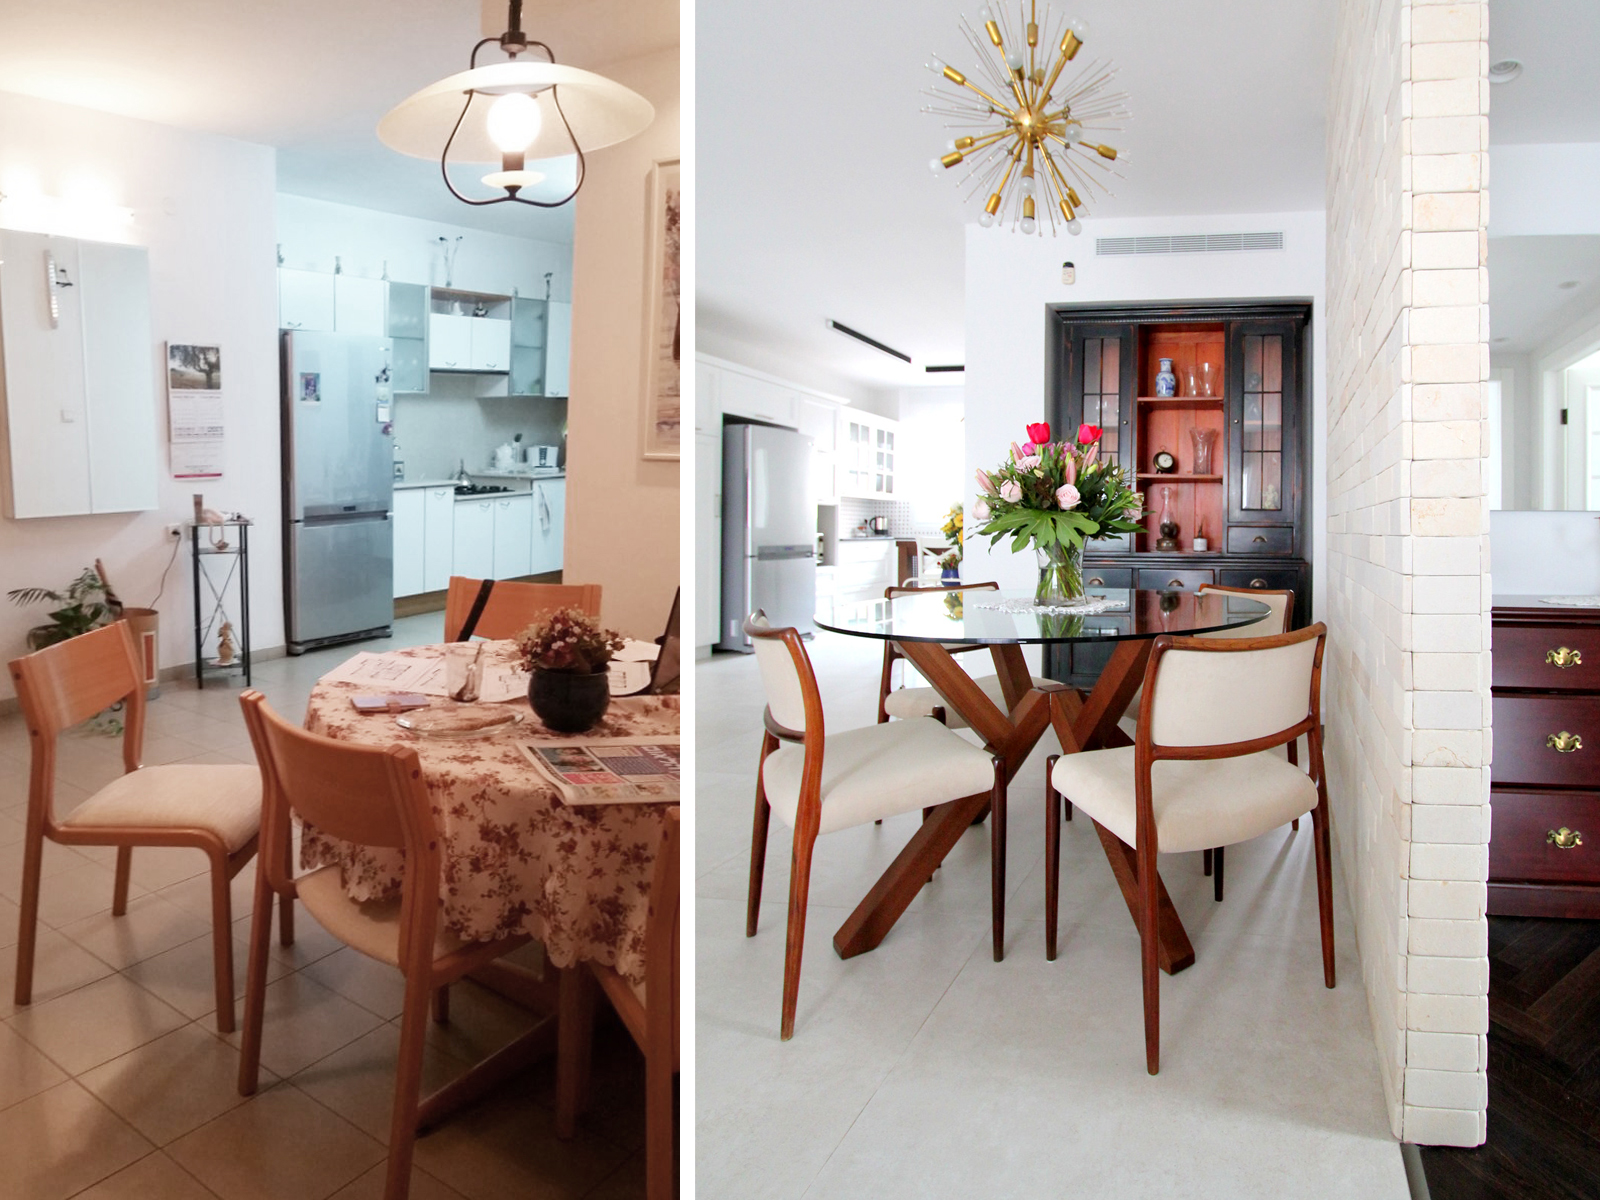 לפני ואחרי פינת אוכל עיצוב וצילום לירון גונן